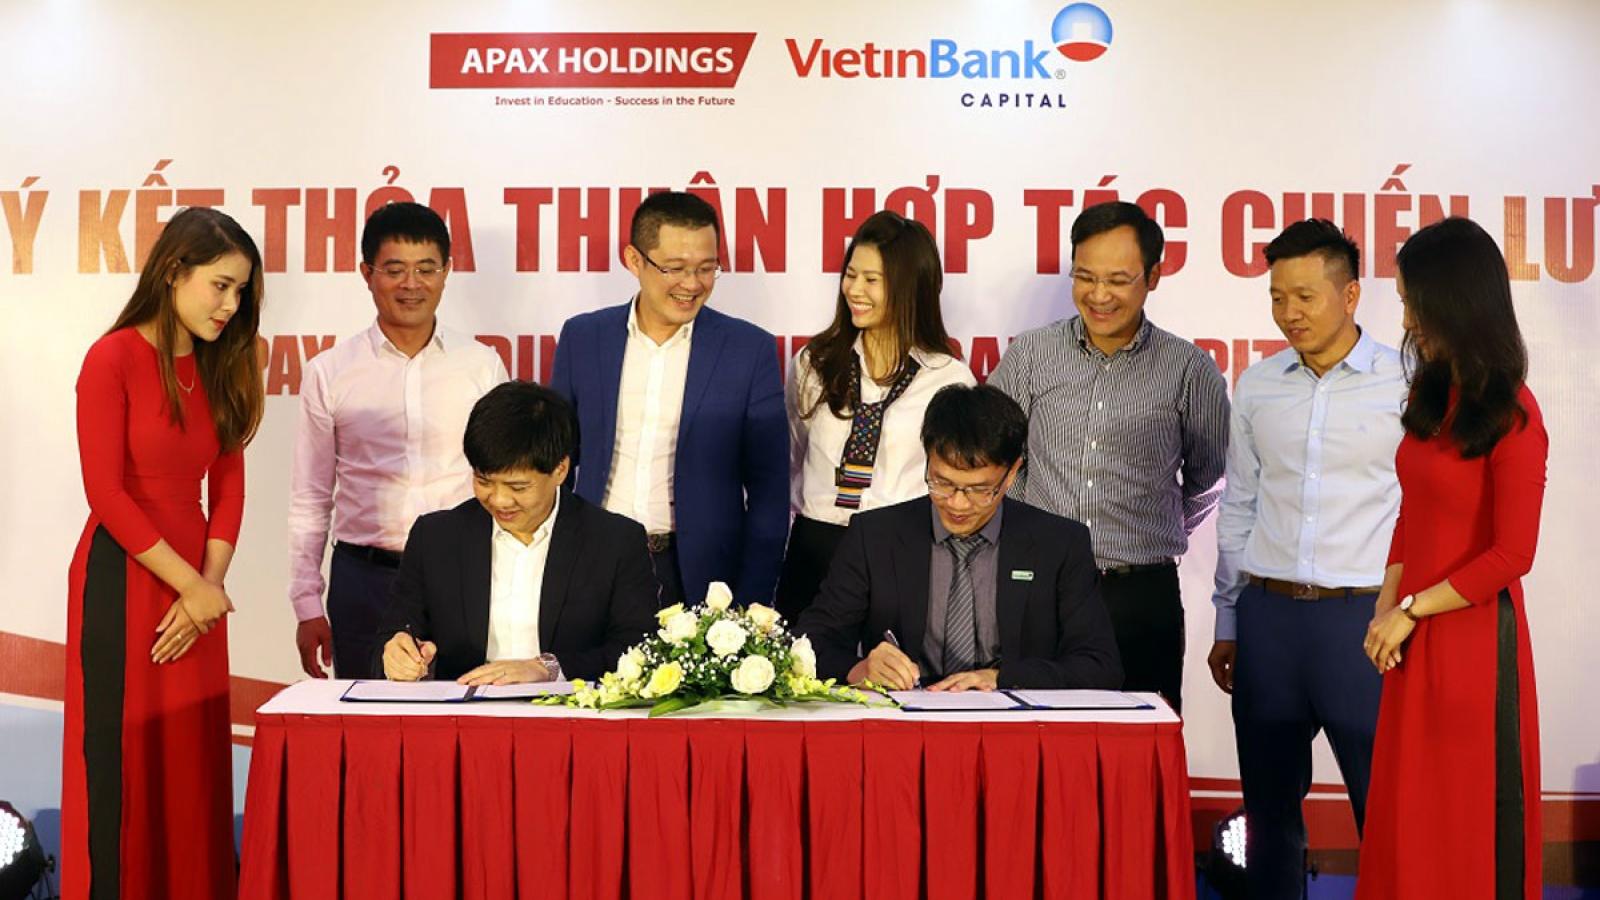 Apax Holdings phát hành 100 tỷ đồng trái phiếu cho Vietinbank Capital